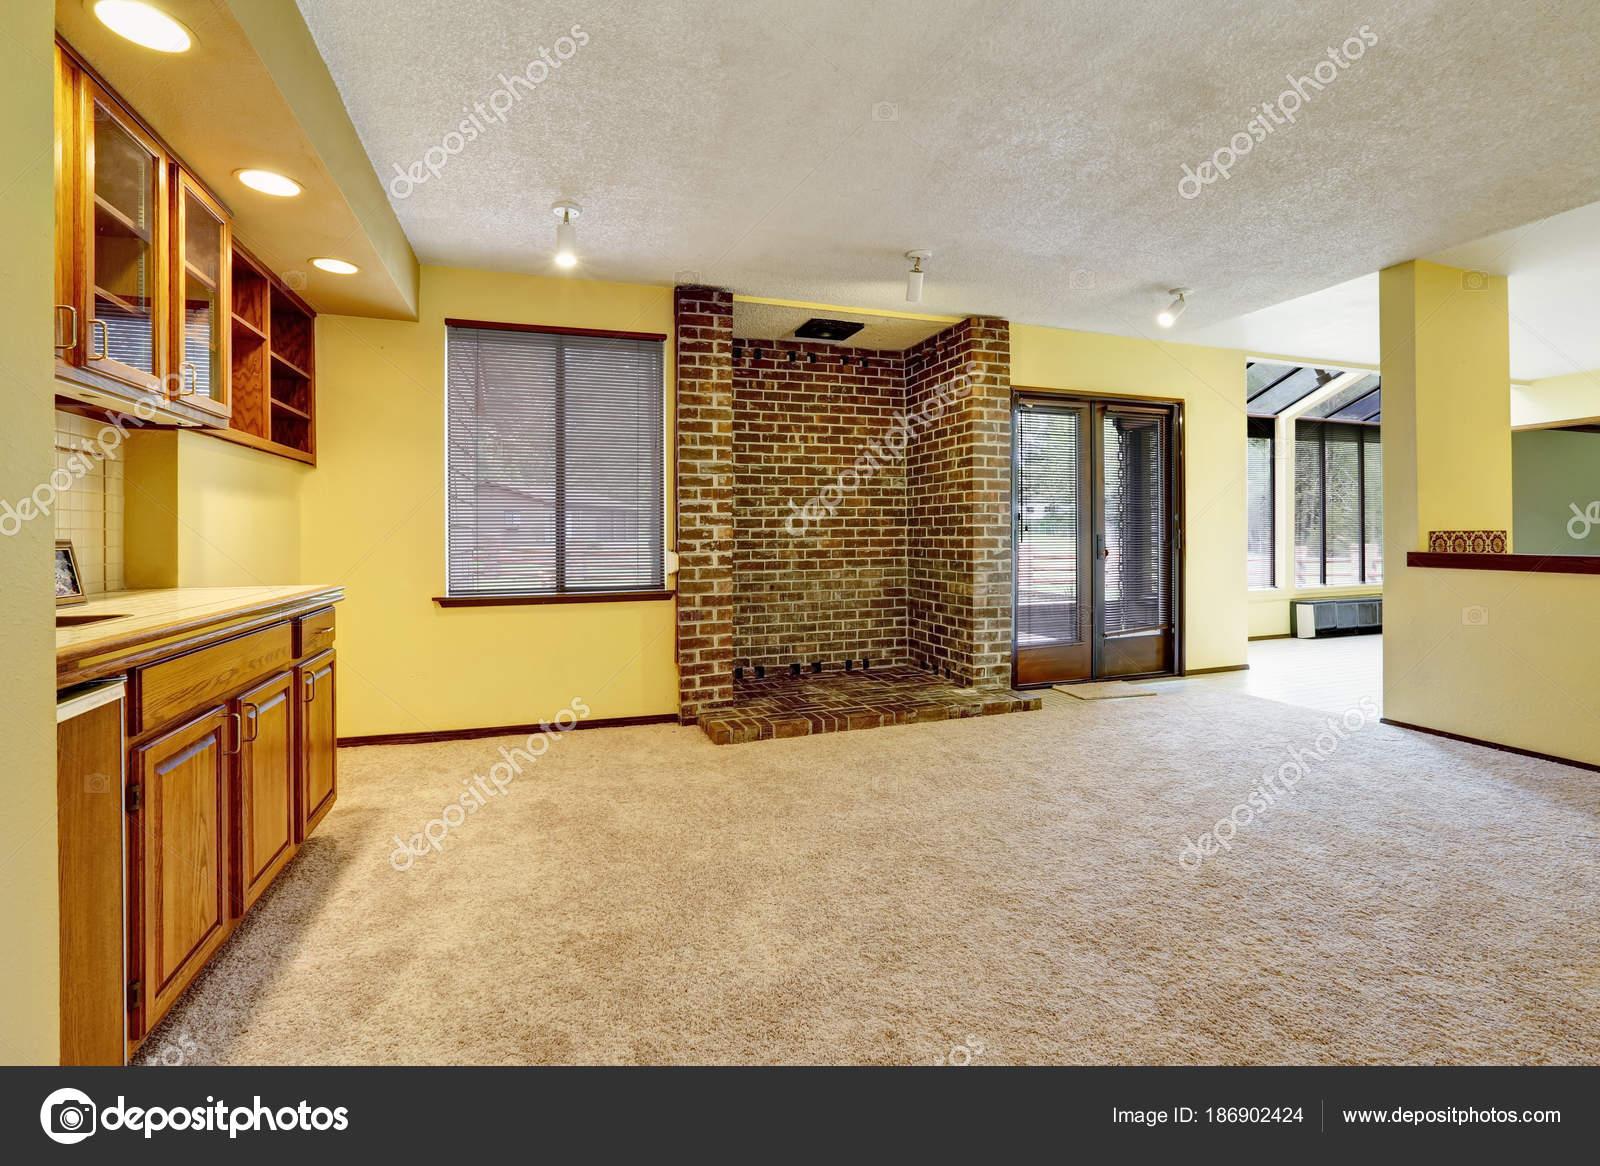 Leere Familienzimmer Interieur mit weiche gelbe Wände — Stockfoto ...